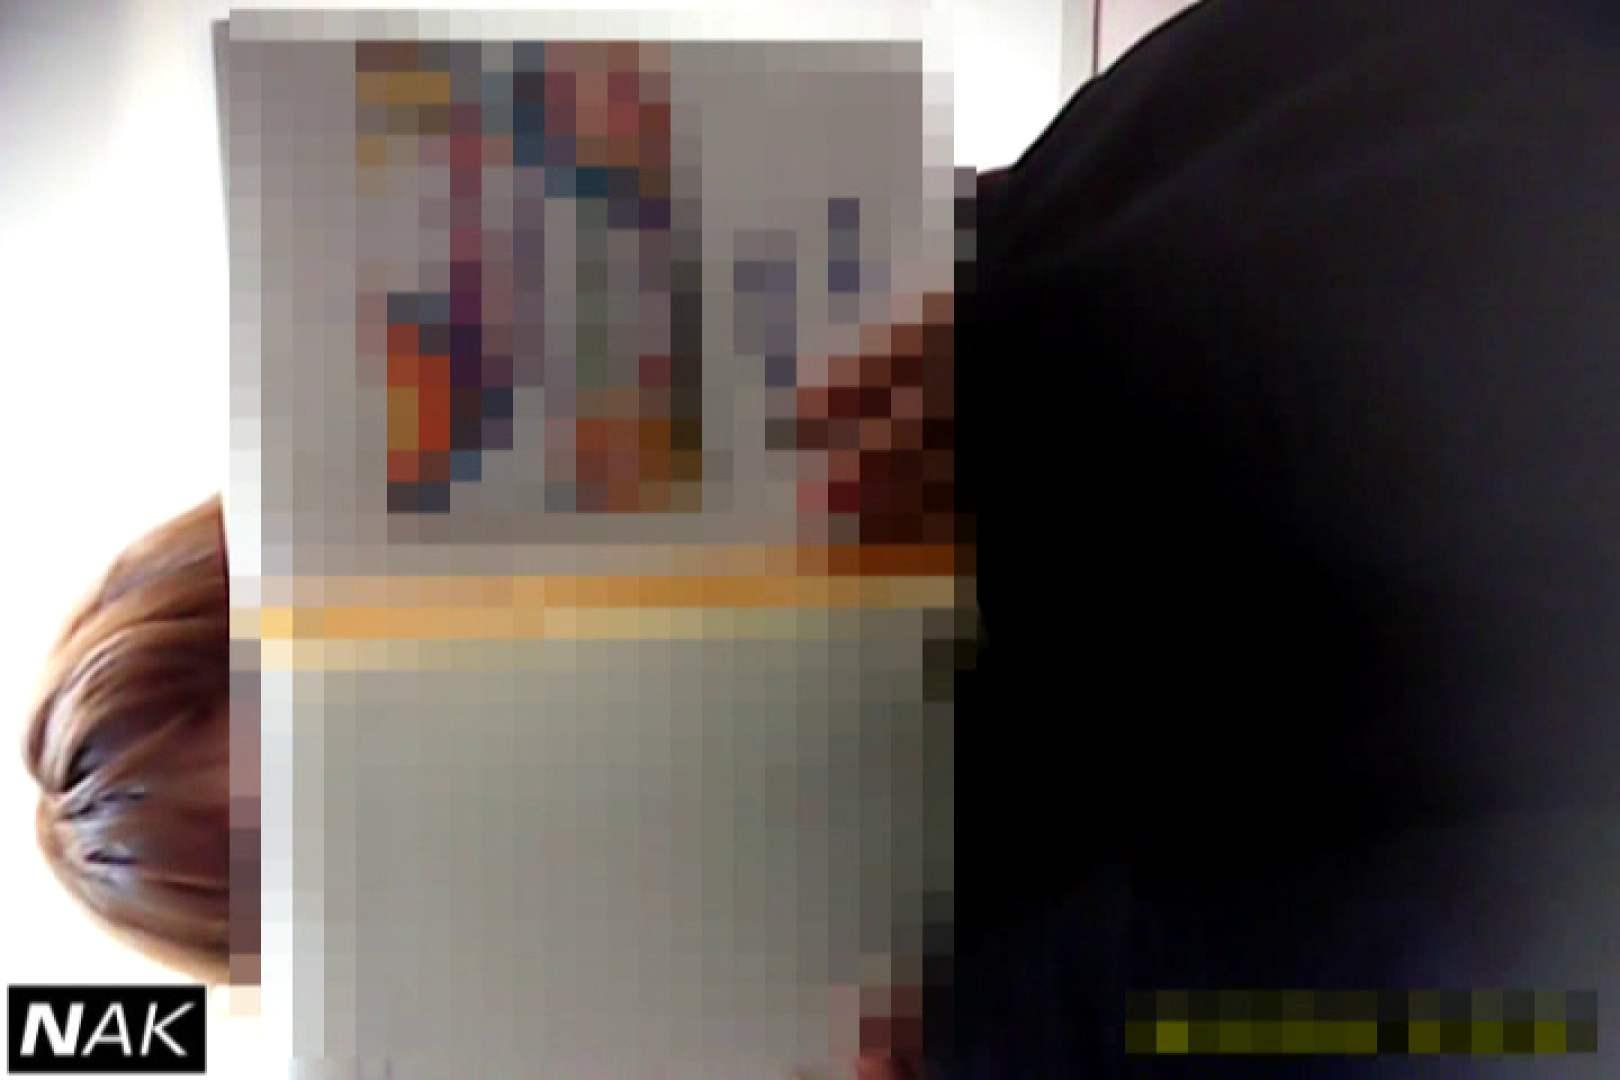 超高画質5000K!脅威の1点集中かわや! vol.02 盗撮大放出 オメコ動画キャプチャ 100連発 99